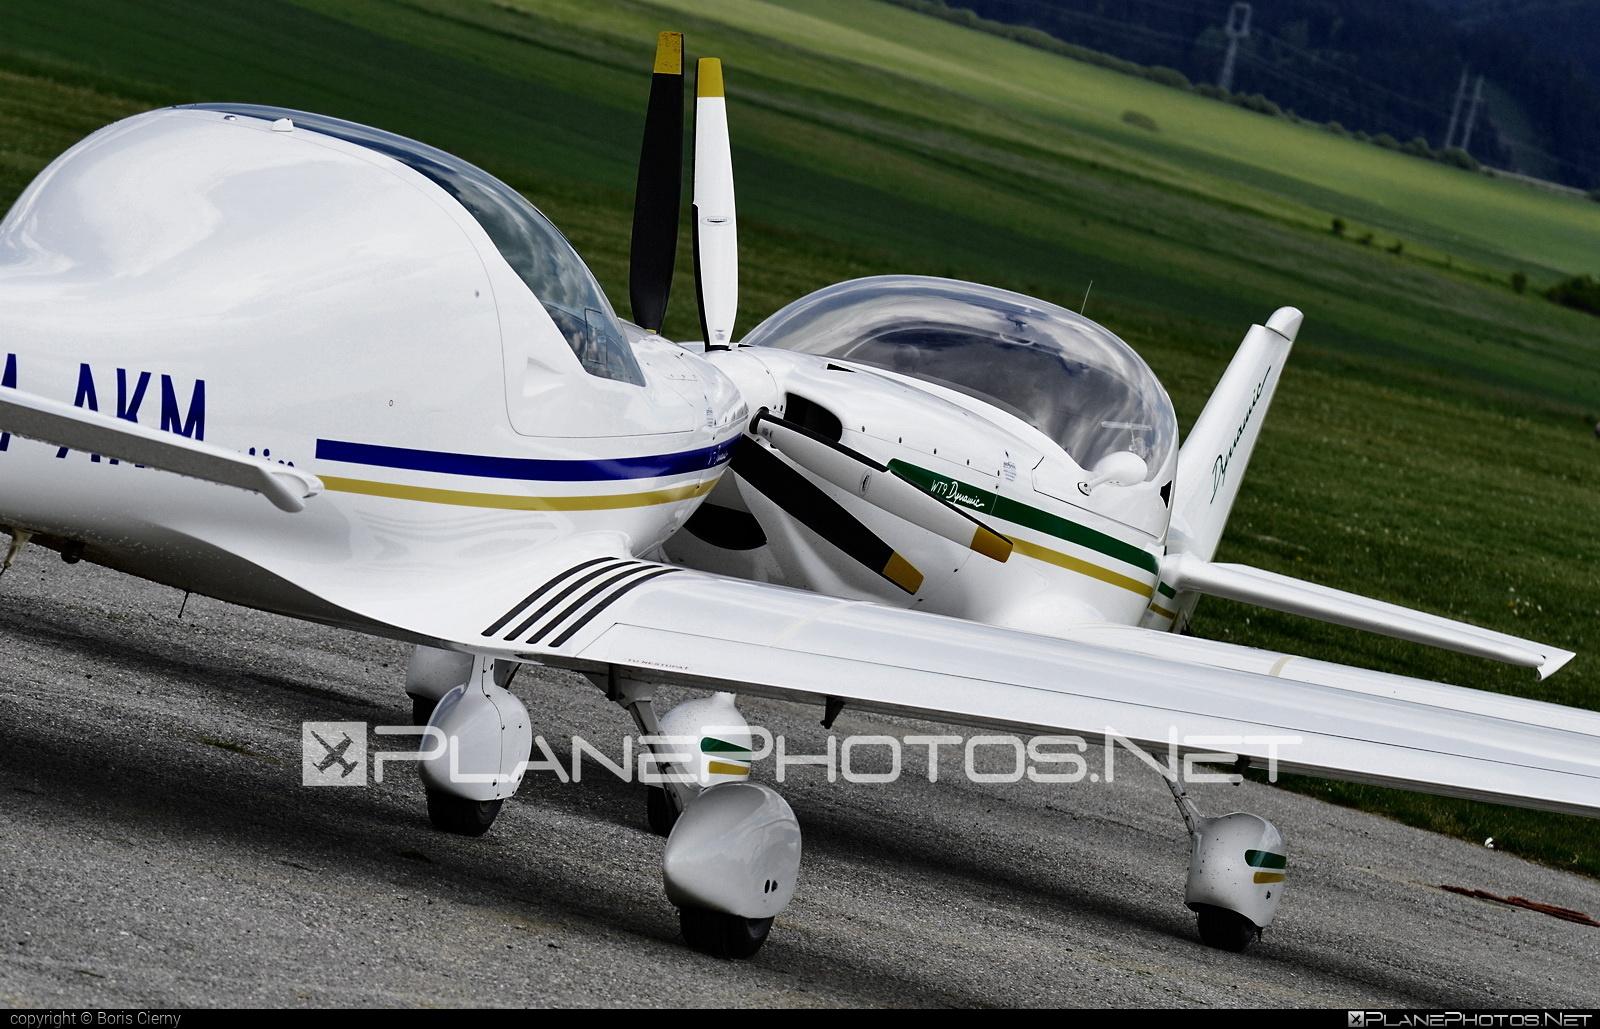 Aerospool WT9 Dynamic - OM-AKM operated by Private operator #aerospool #wt9 #wt9dynamic